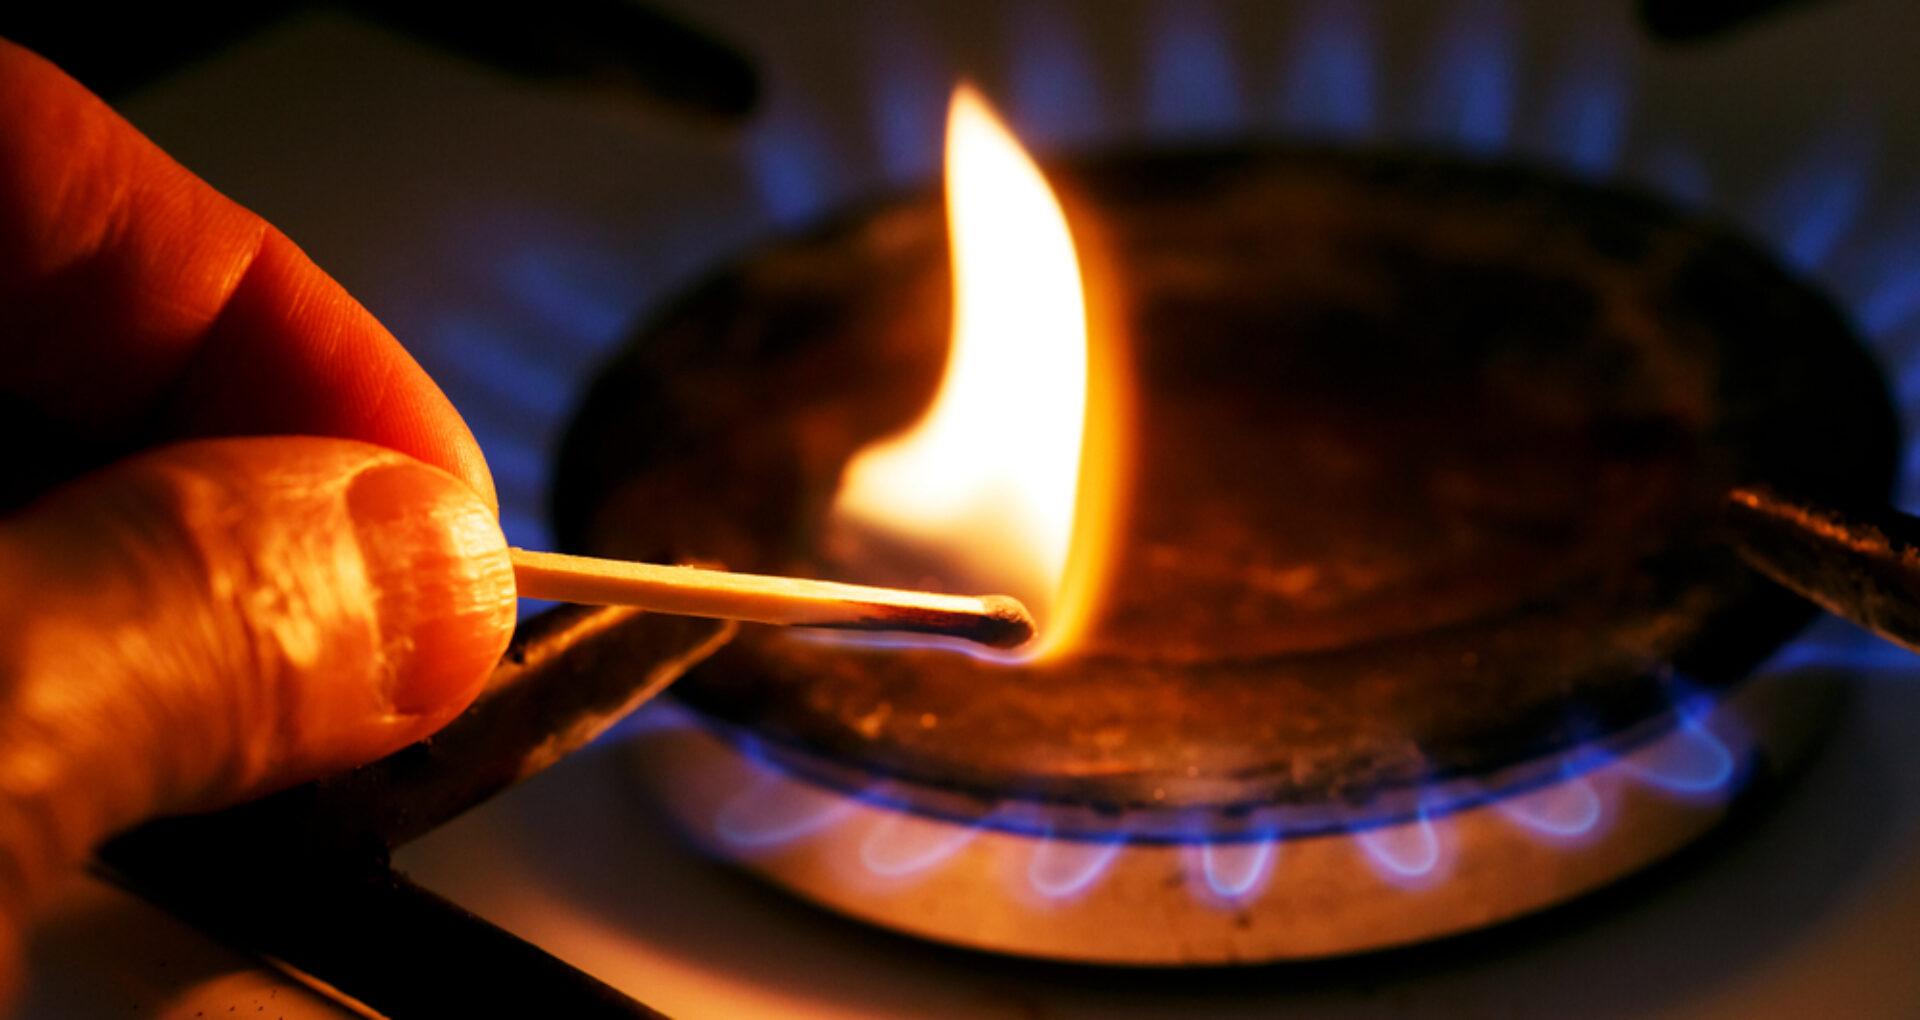 Datoria R. Moldova la gaz ar fi fost majorată artificial cu aproape 1 miliard de dolari prin acţiuni abuzive, comise de Gazprom în complicitate cu autorităţile centrale de la Chișinău